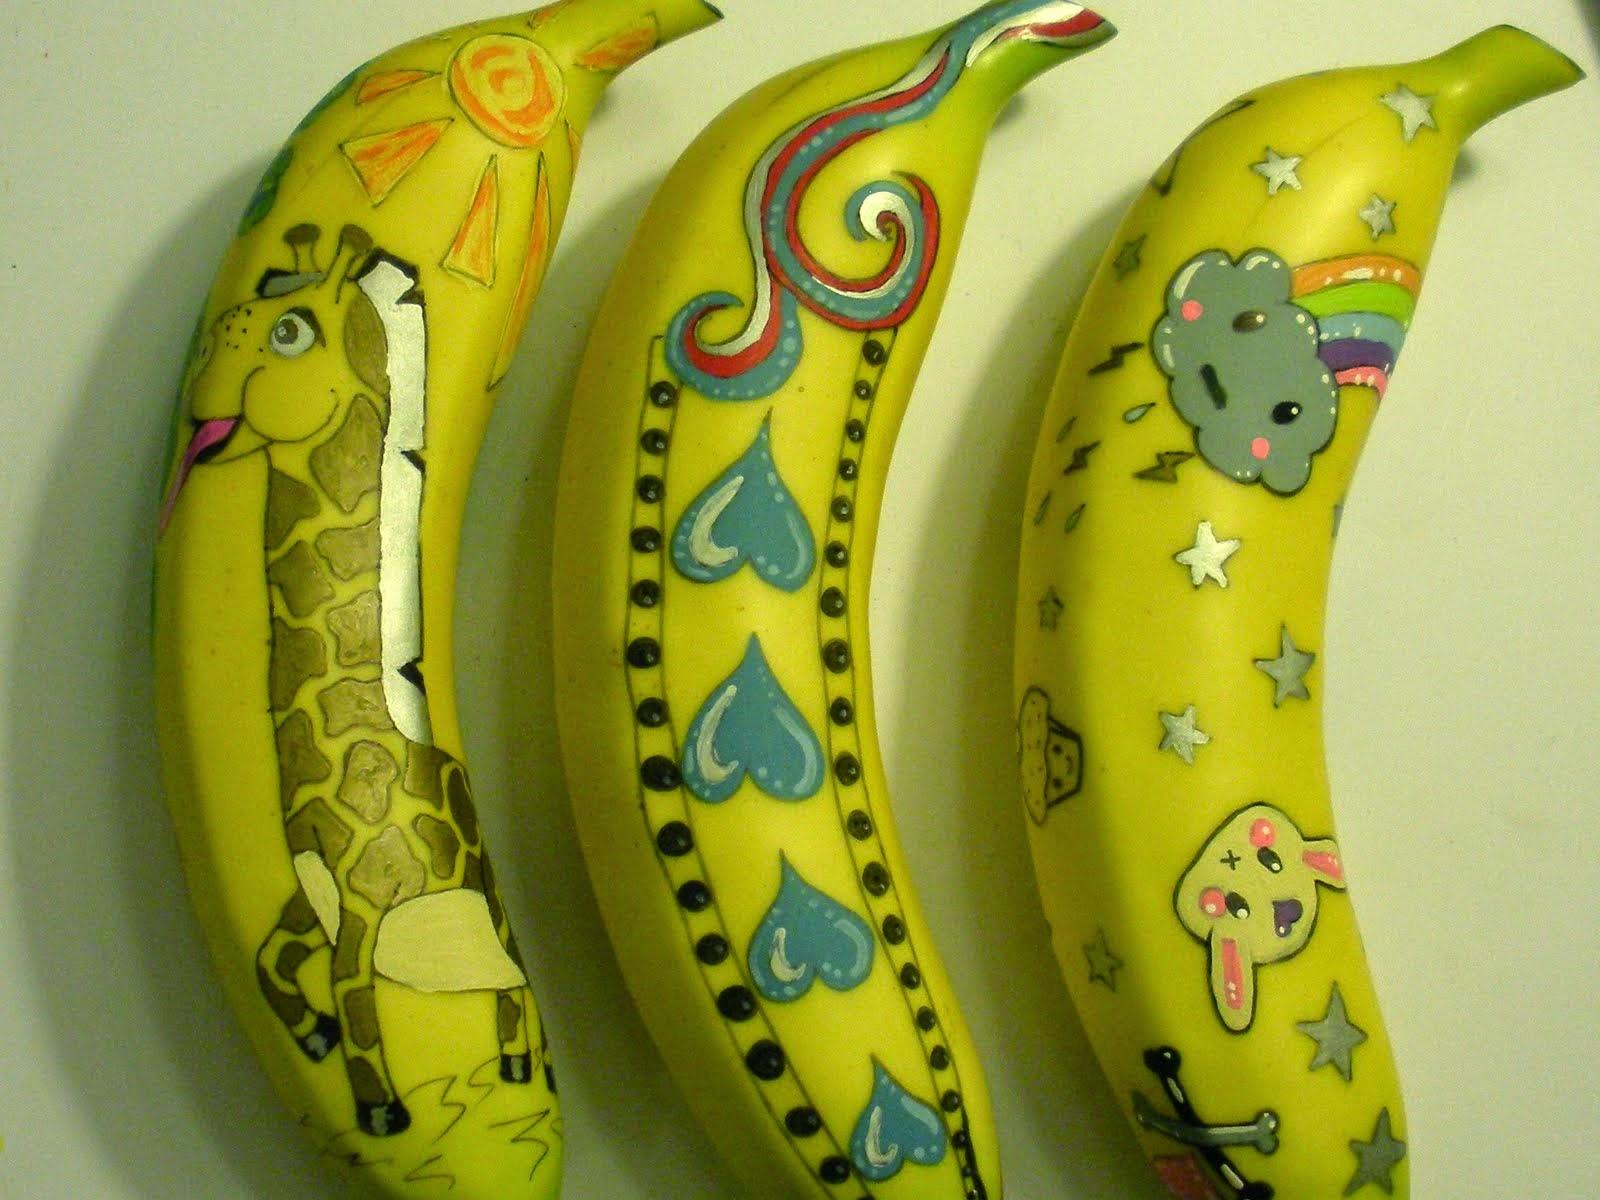 pisang obat jerawat, pisang obat kulit, pisang obat jantung